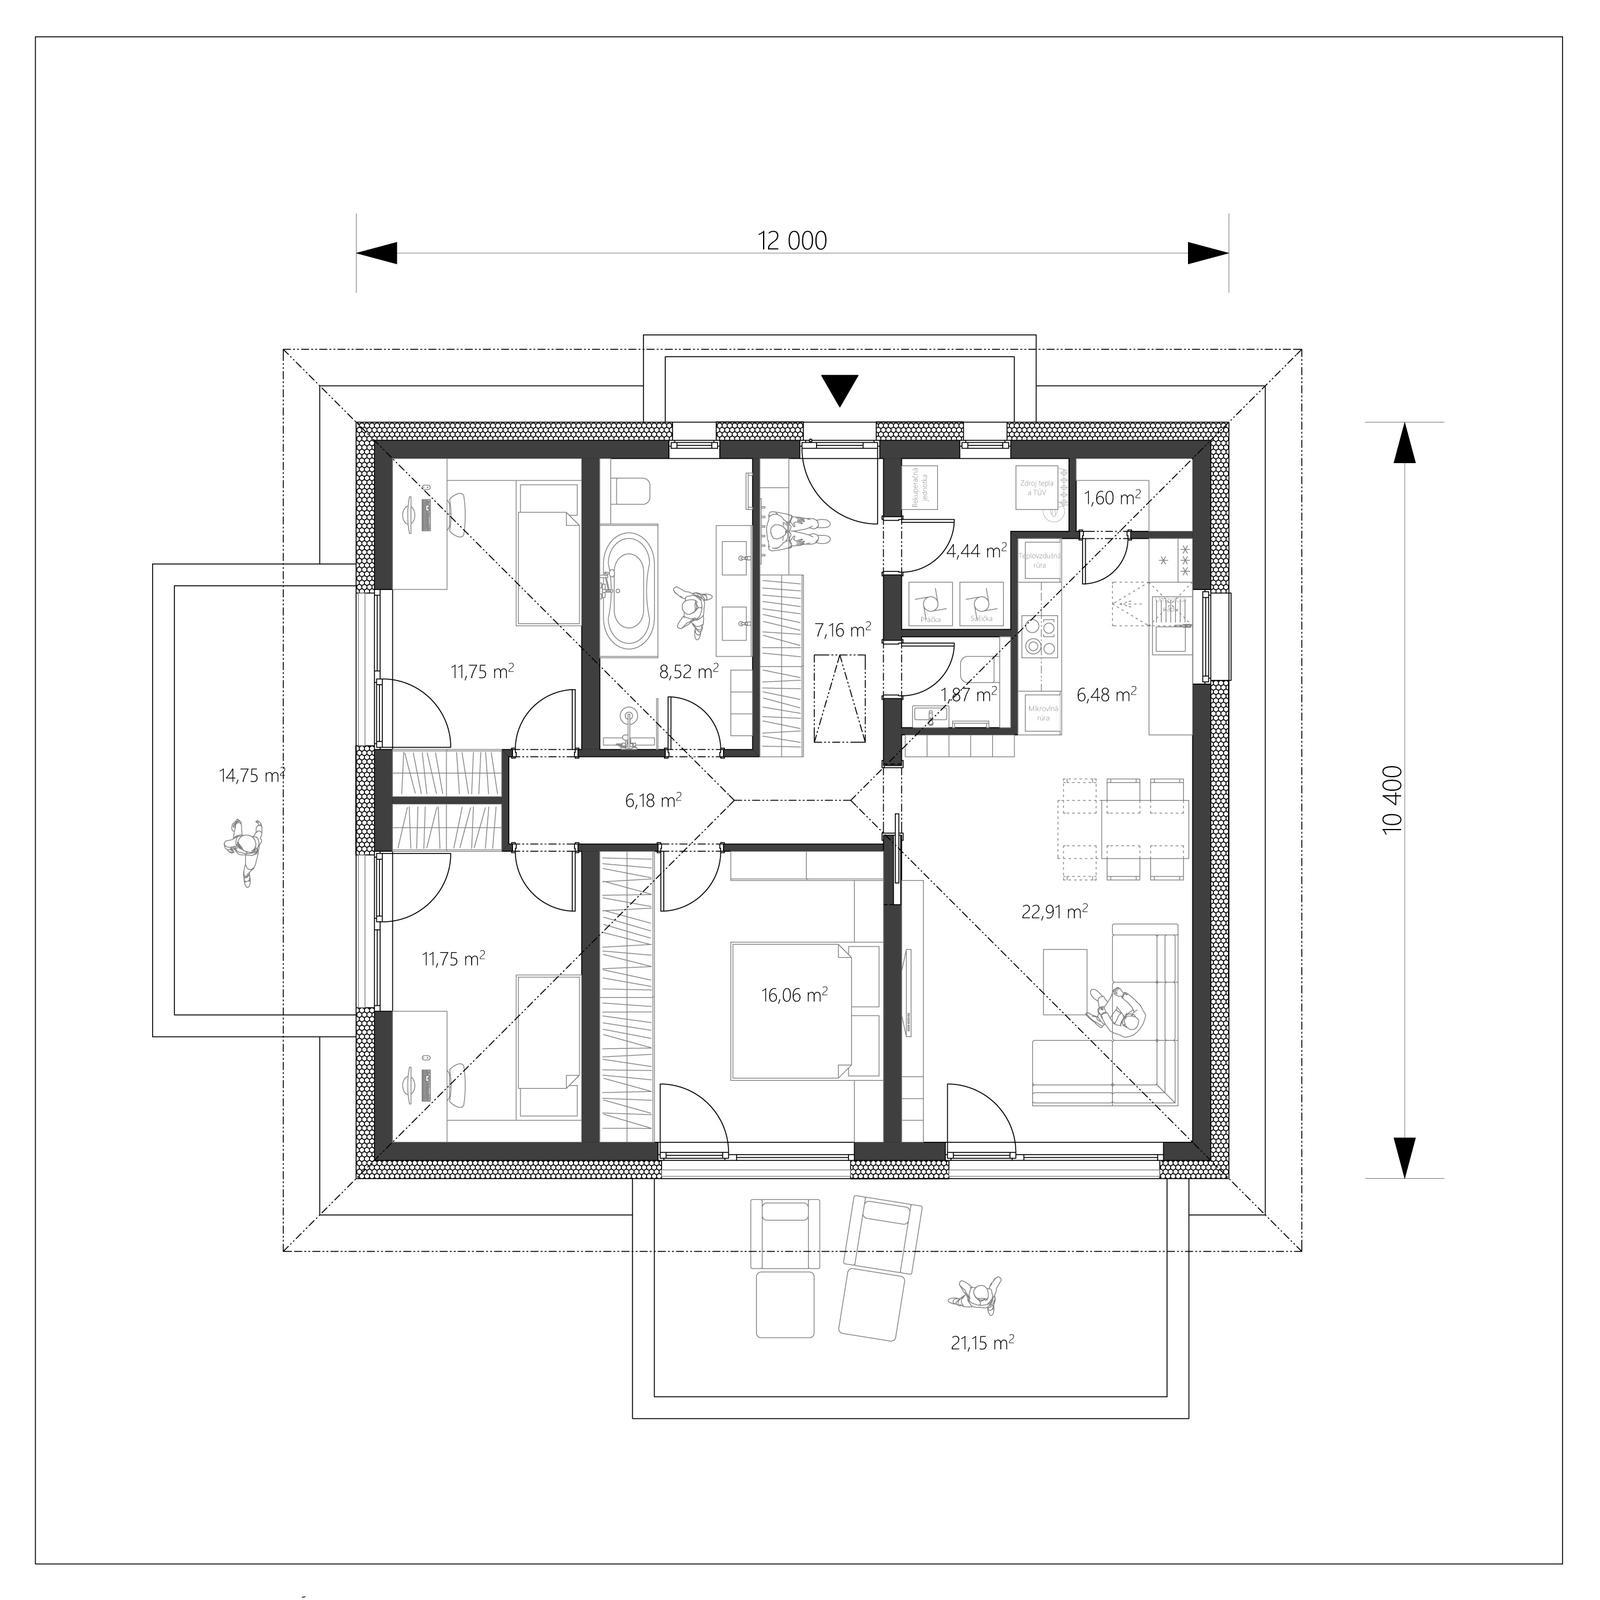 Projekt pasívneho domu - PassiON Mini - Obrázok č. 3